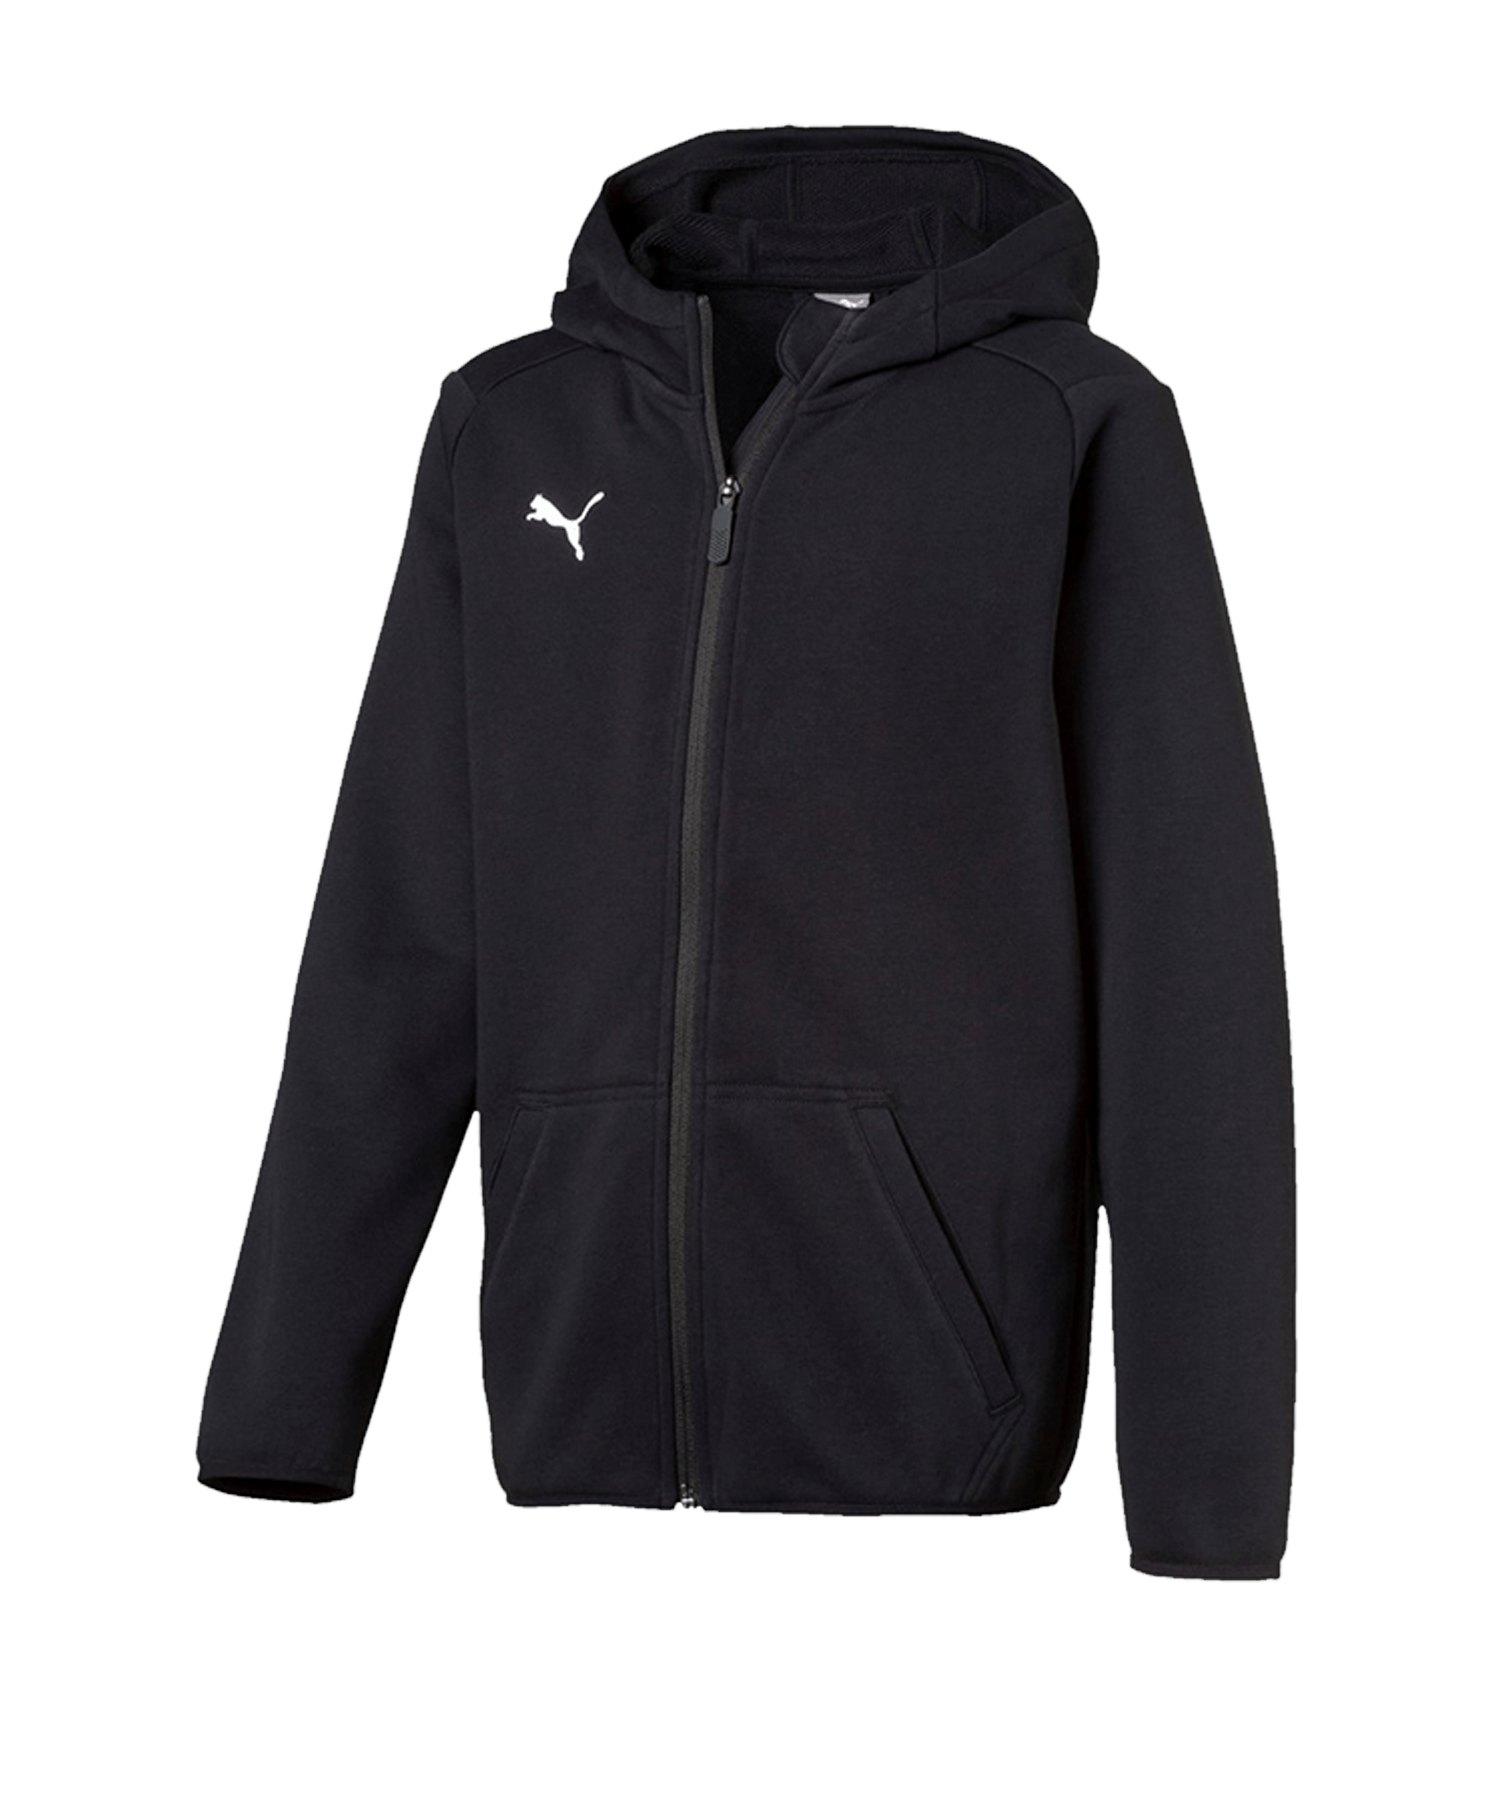 PUMA LIGA Casual Jacket Jacke Kids Schwarz F03 - schwarz